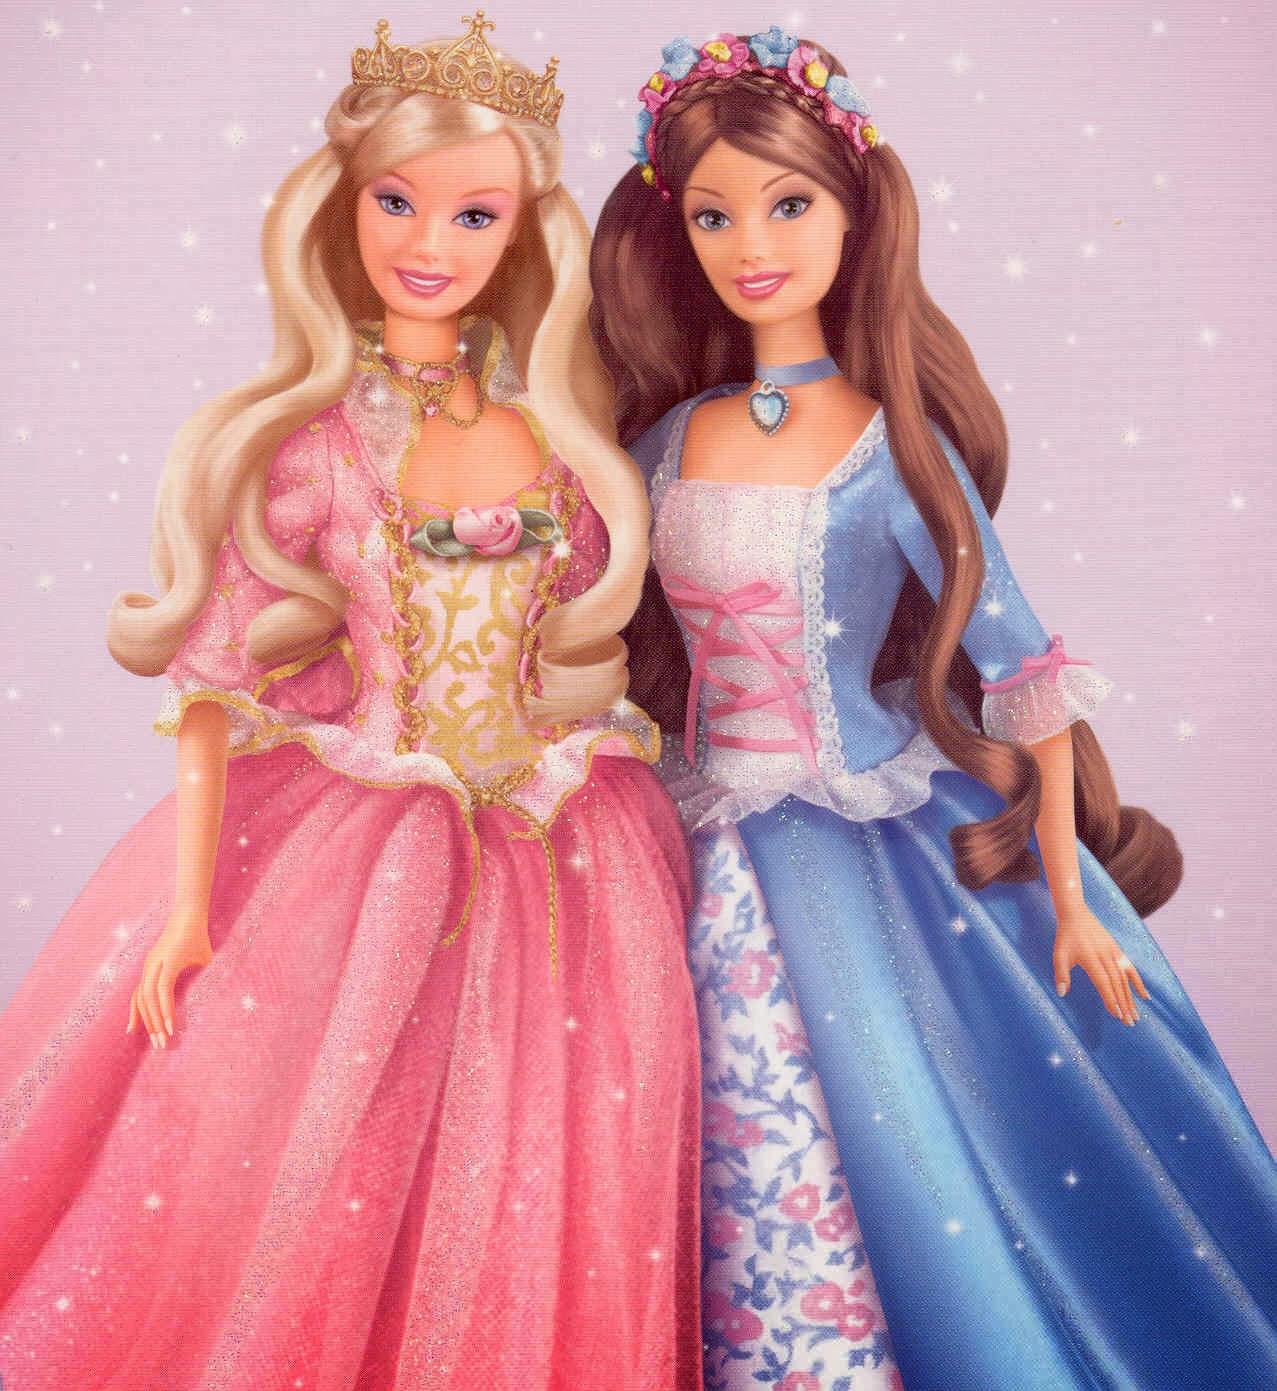 Kumpulan Gambar Barbie Doll Cantik Blog Education